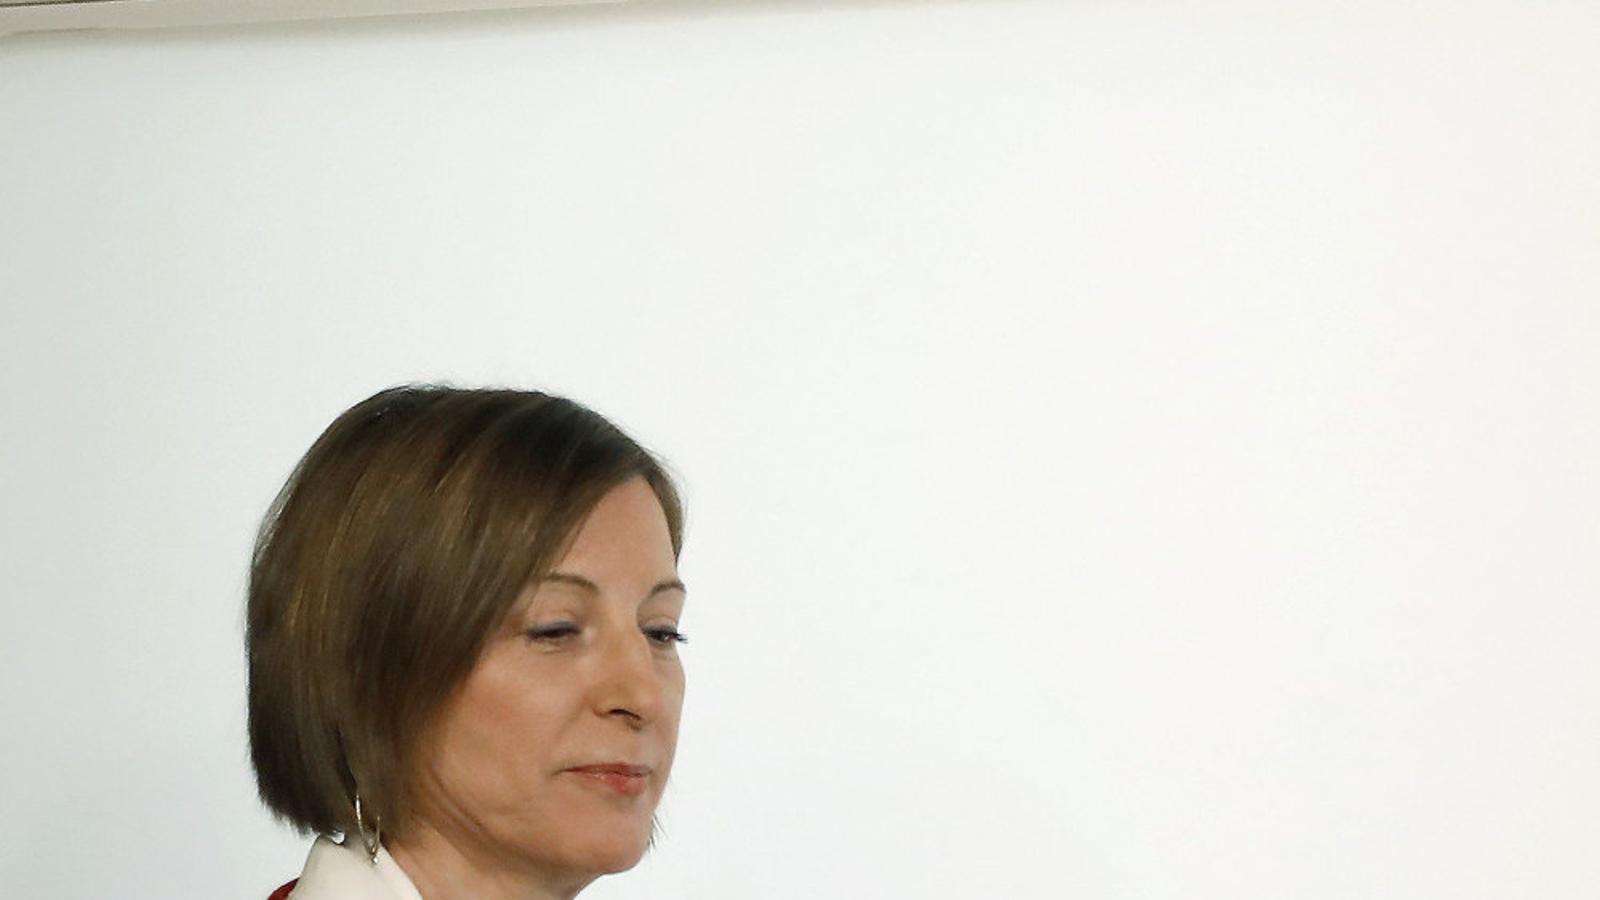 Forcadell deixa la presidència perquè l'assumeixi algú sense causes judicials